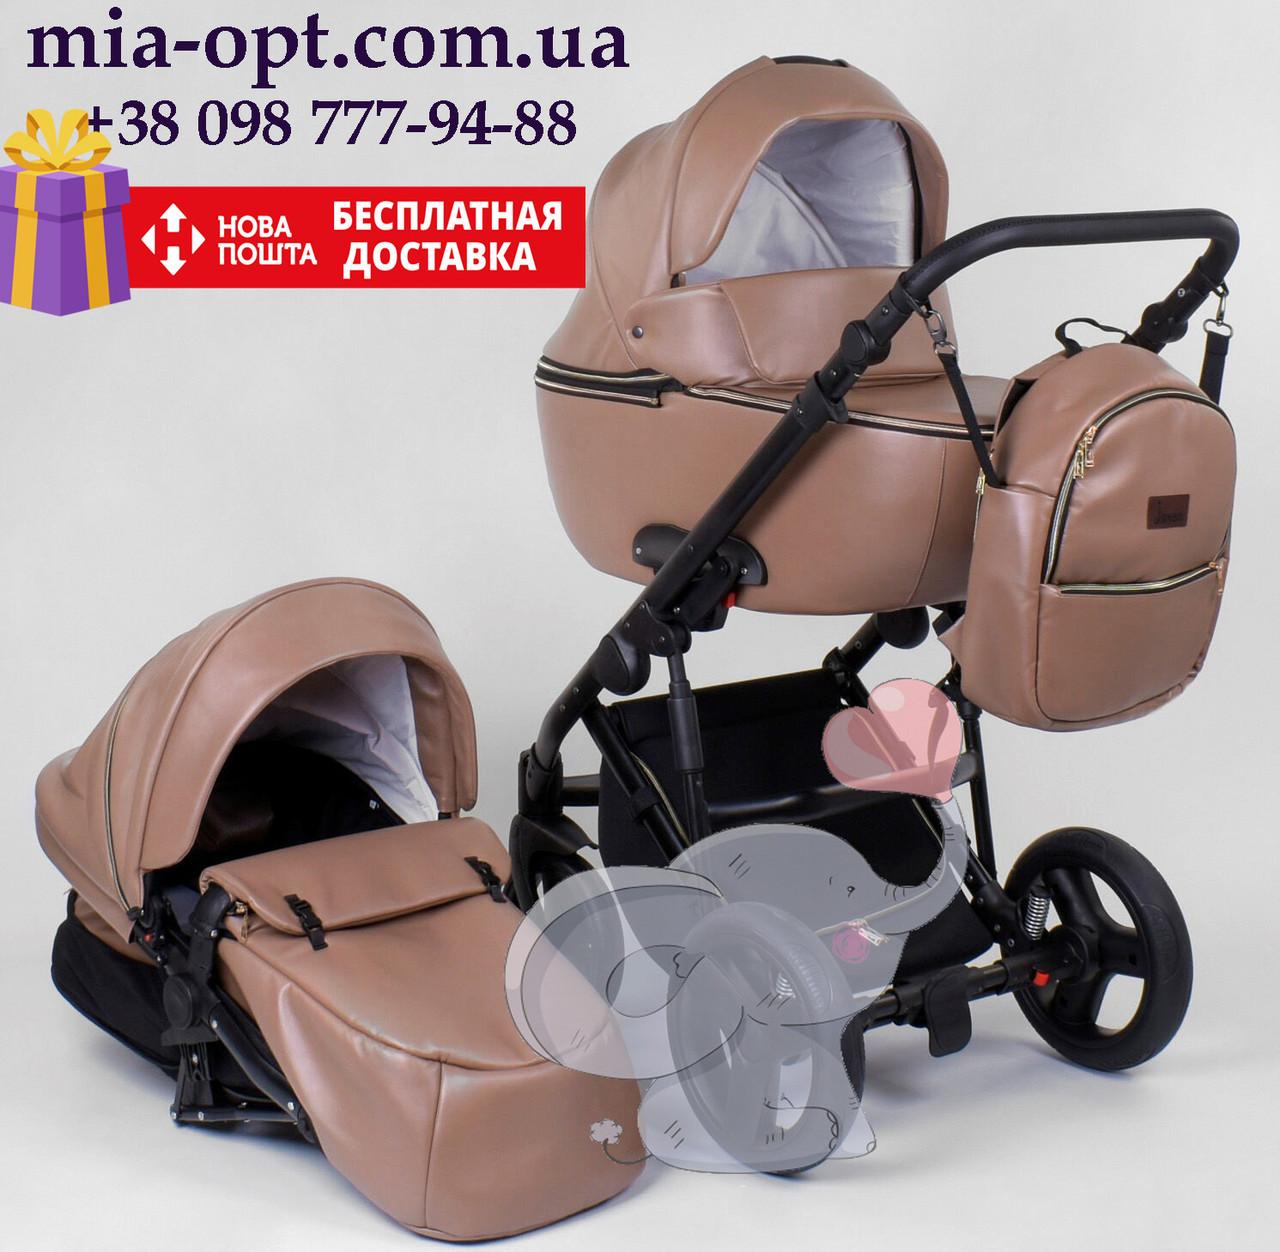 Детская коляска 2 в 1 Roxy (Rosy)  эко кожа беж